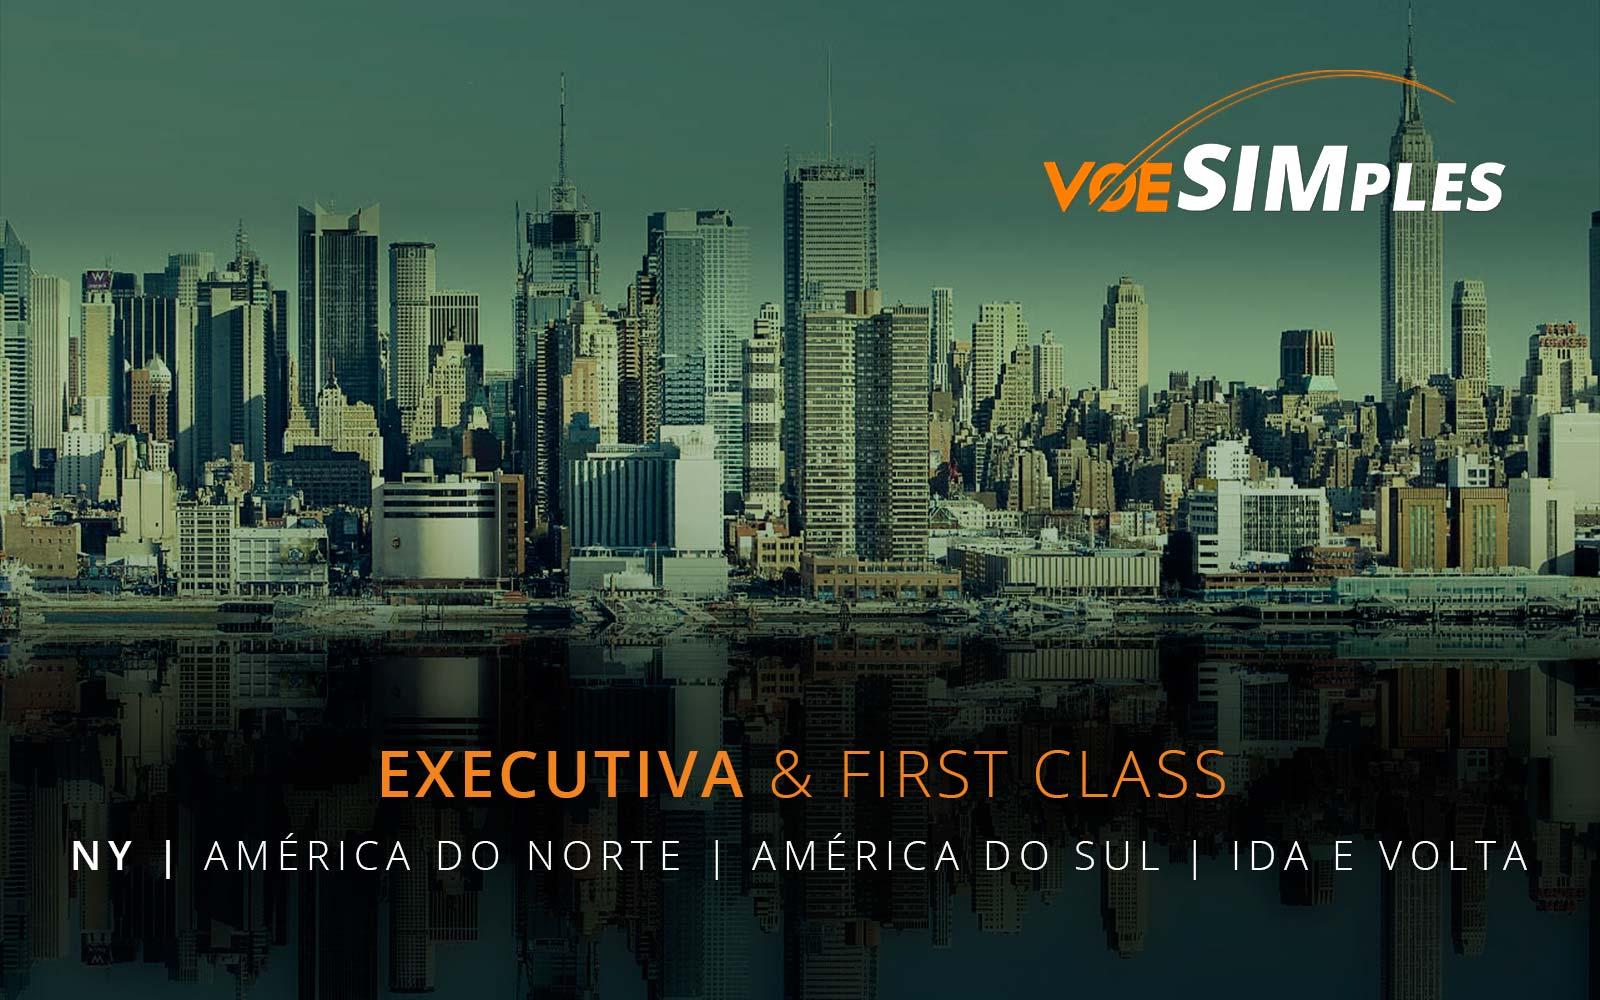 Passagens aéreas promocionais Classe Executiva para a América do Sul e Estados Unidos